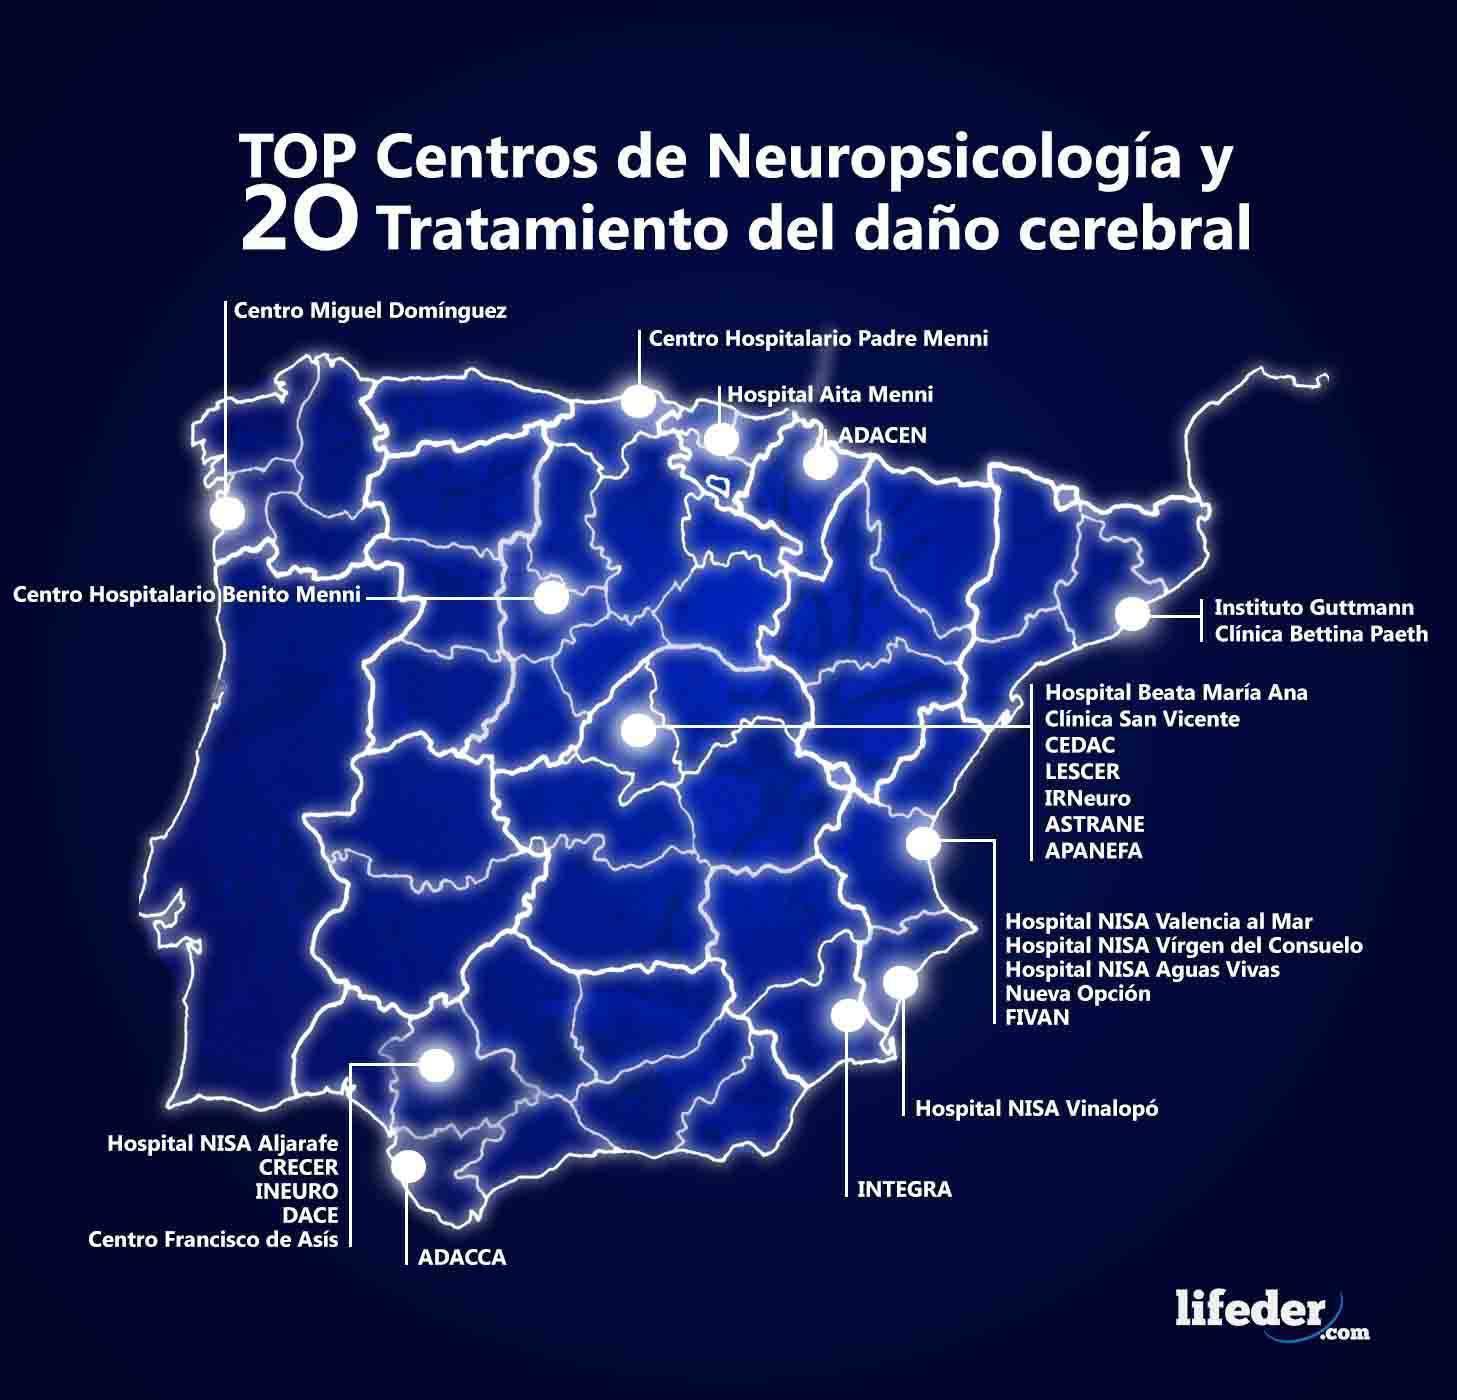 Centros de Neuropsicología y Tratamiento del daño cerebral de España